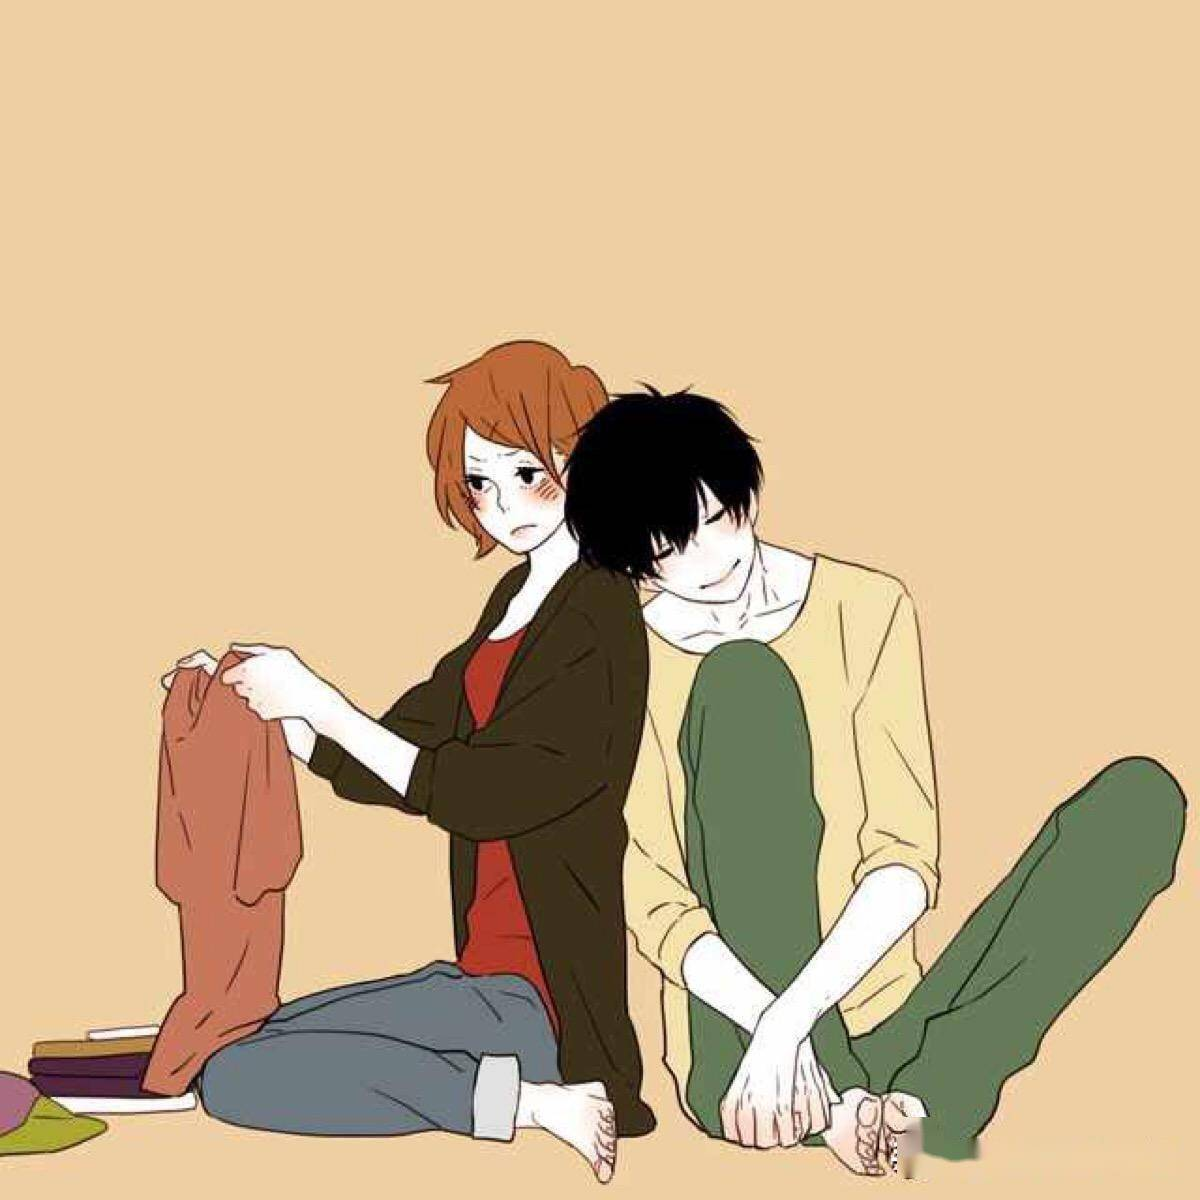 男朋友跟我在一起谈恋爱2个月了,可是平时很少联系我,怎么办? 男朋友两个月不联系我